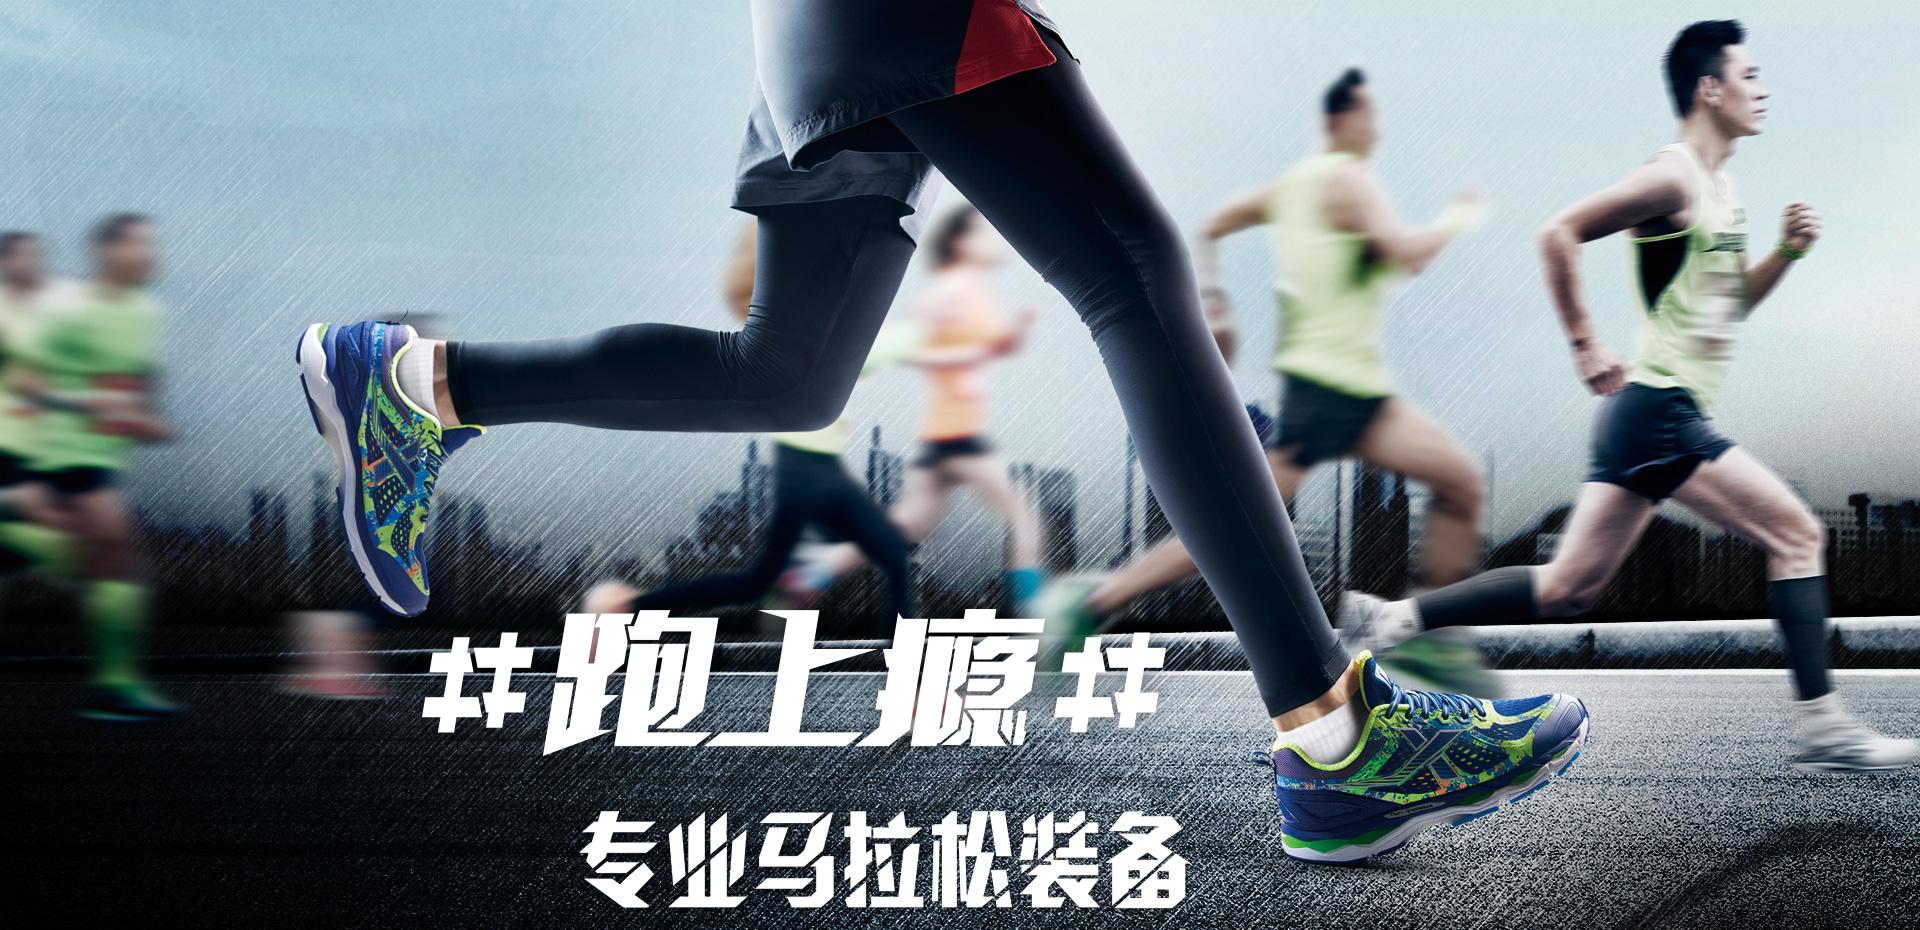 特步马拉松专业跑步鞋